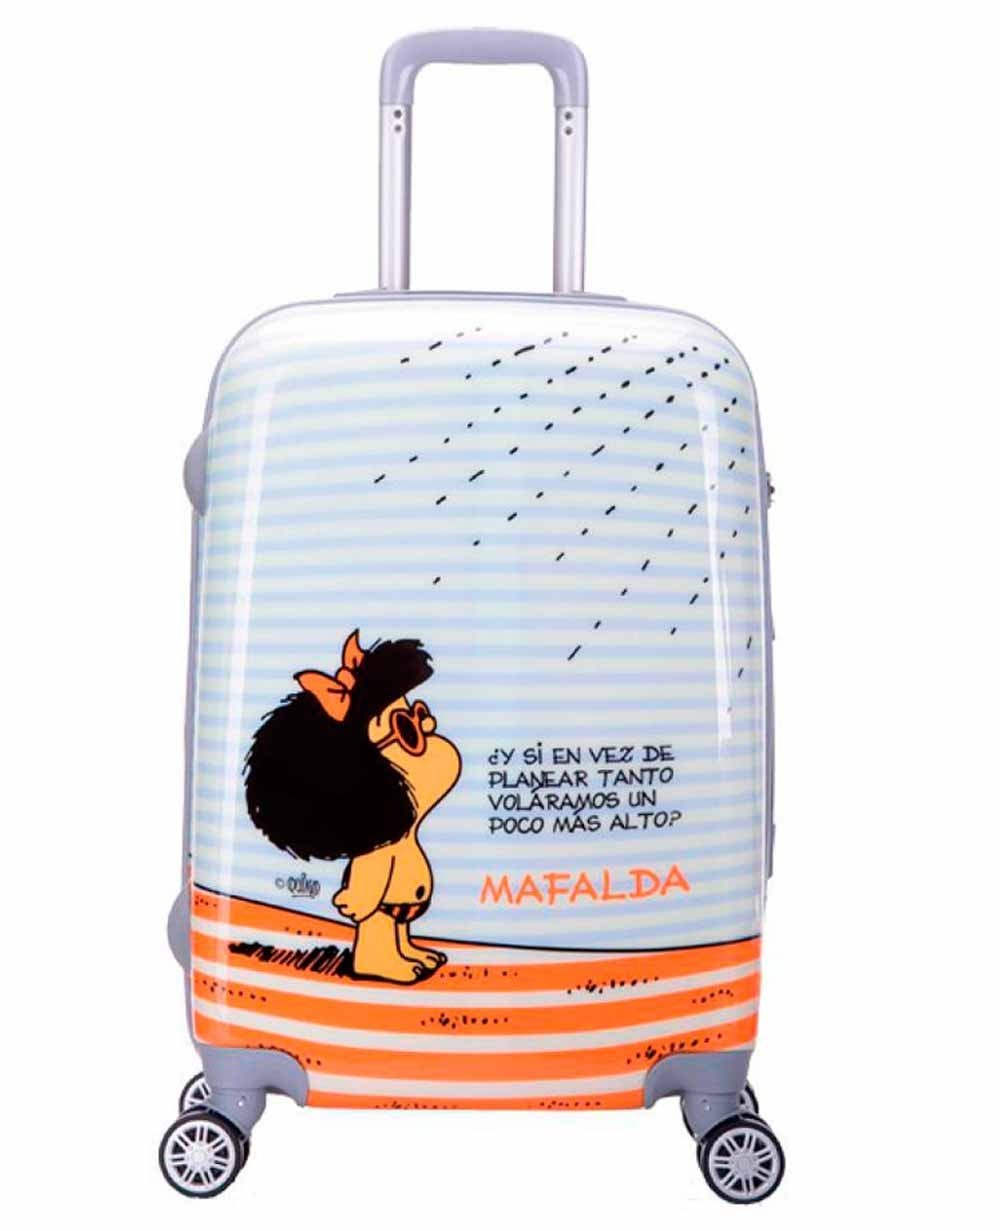 Mafalda Tarifa Maleta de mano Naranja (Foto )